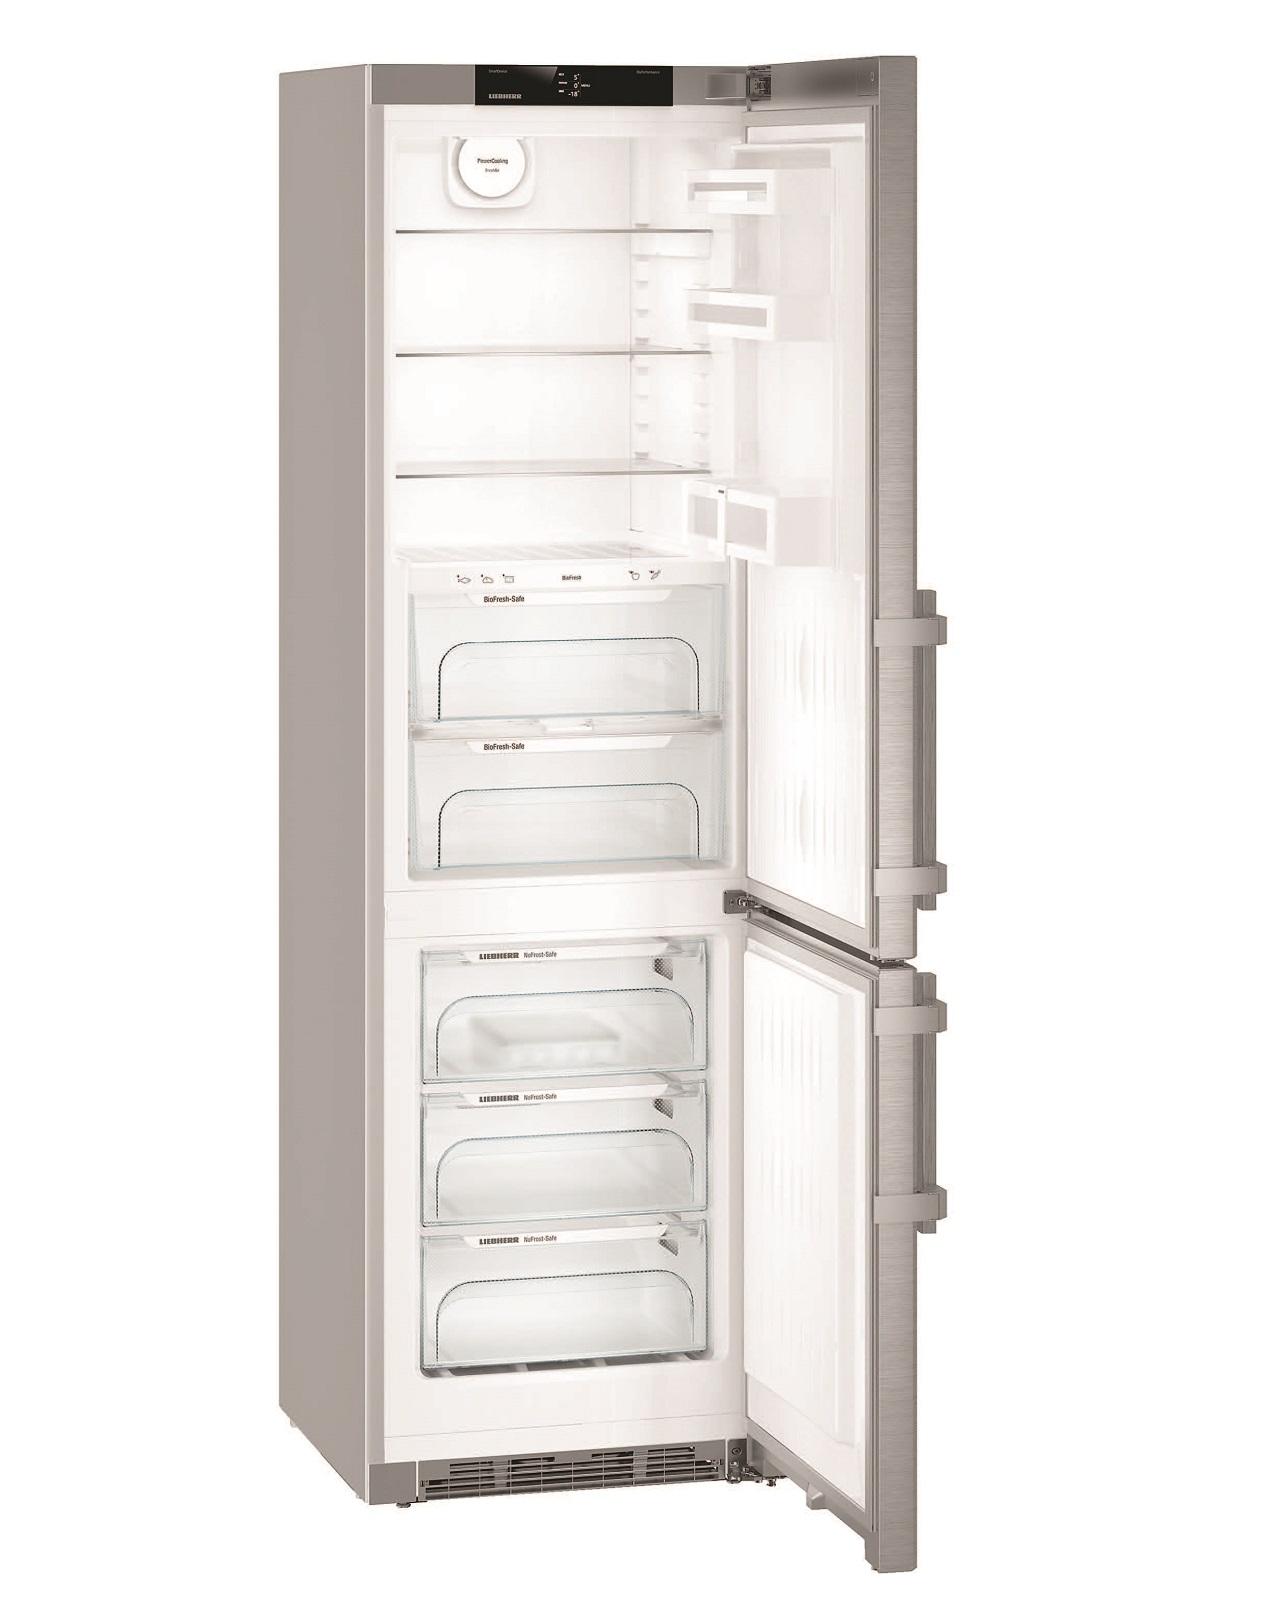 купить Двухкамерный холодильник Liebherr CBNef 4835 Украина фото 1